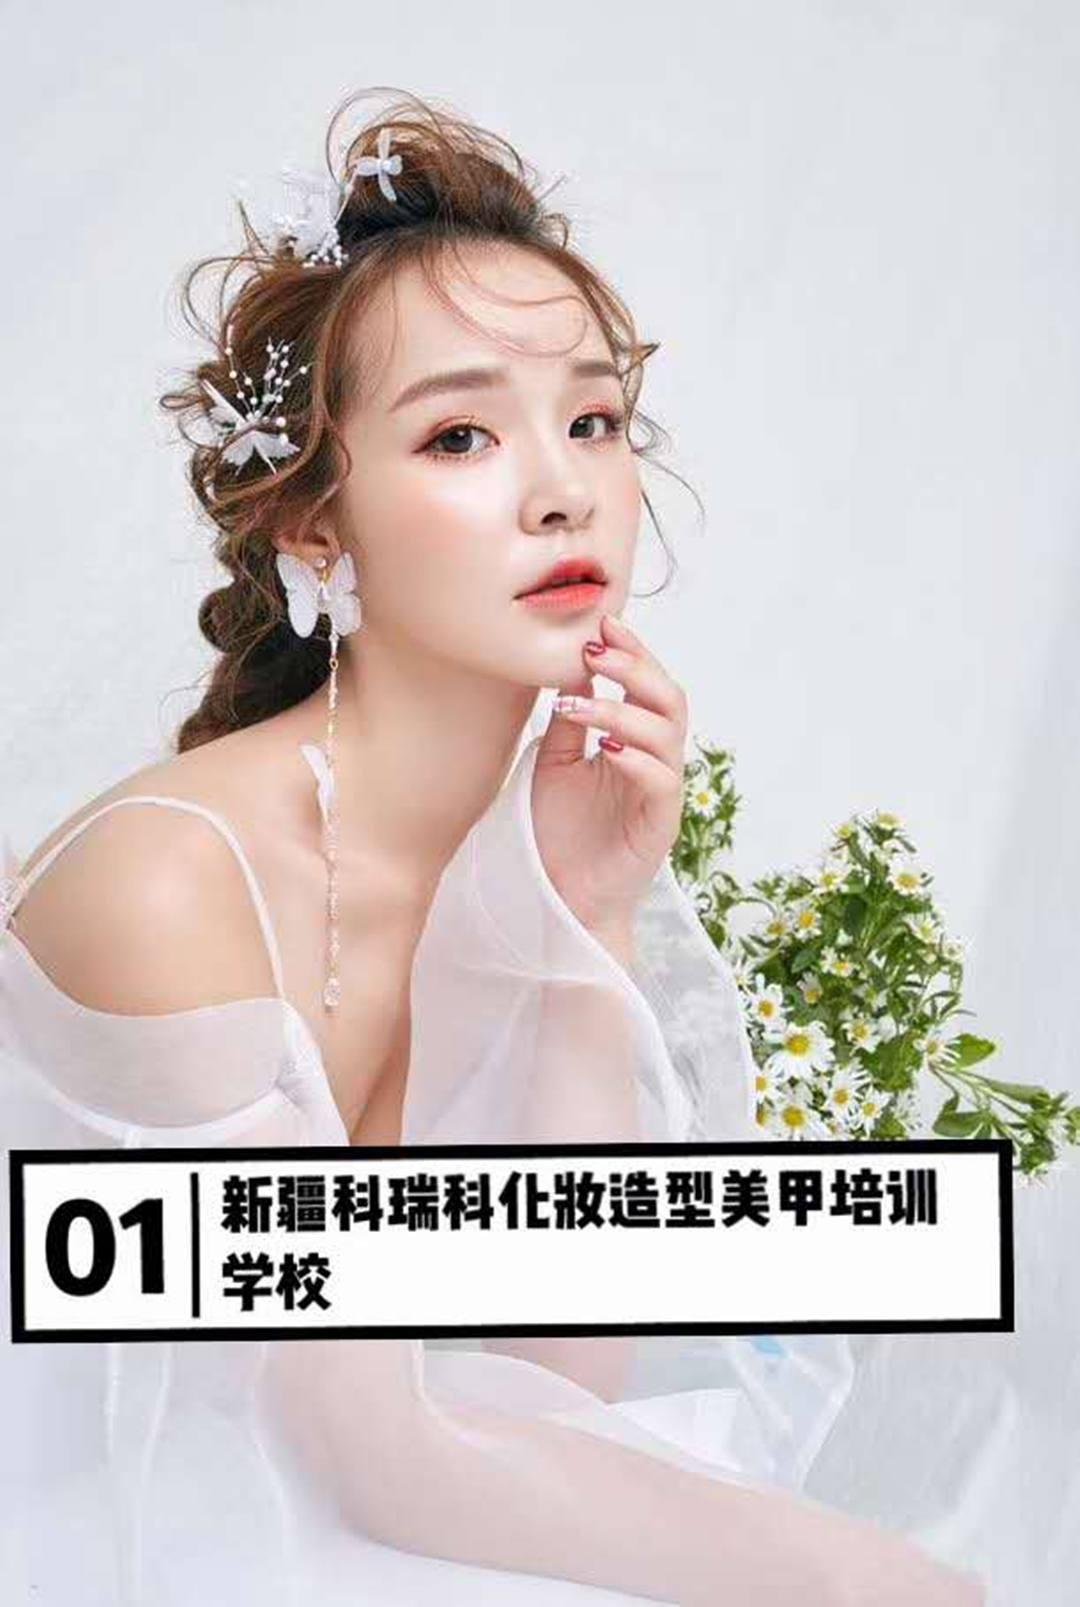 乌鲁木齐新娘化妆培训学习多少钱 客户至上 新疆科瑞科文化传媒亚博百家乐